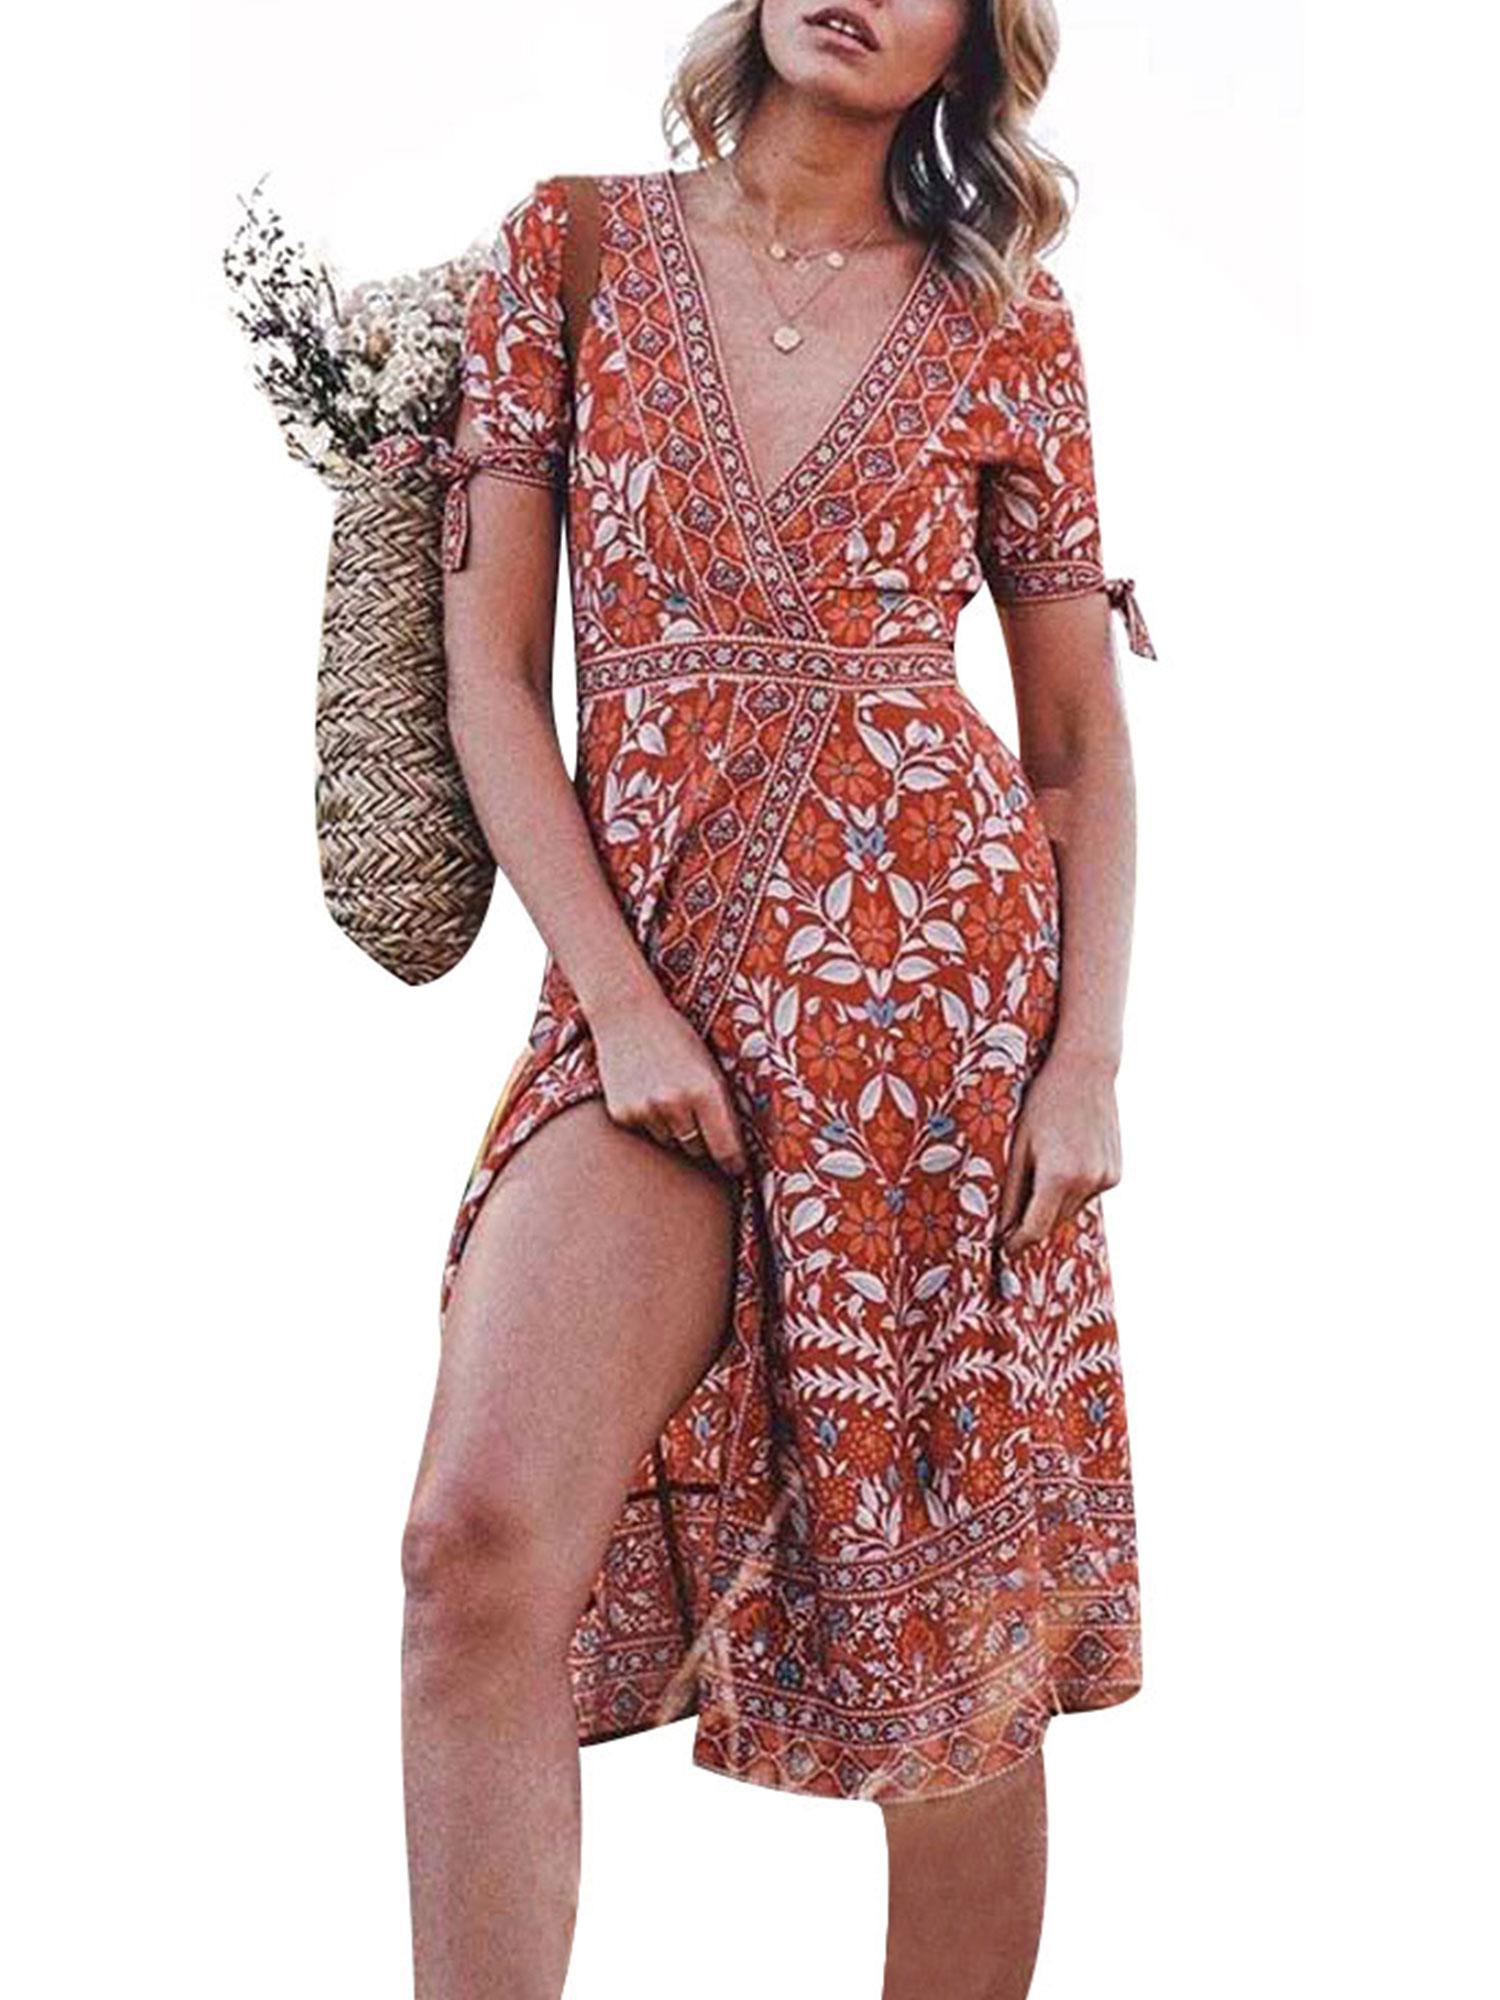 Dress Sundress Tunic Short Sleeve Summer Midi Beach Holiday Party Boho Printed